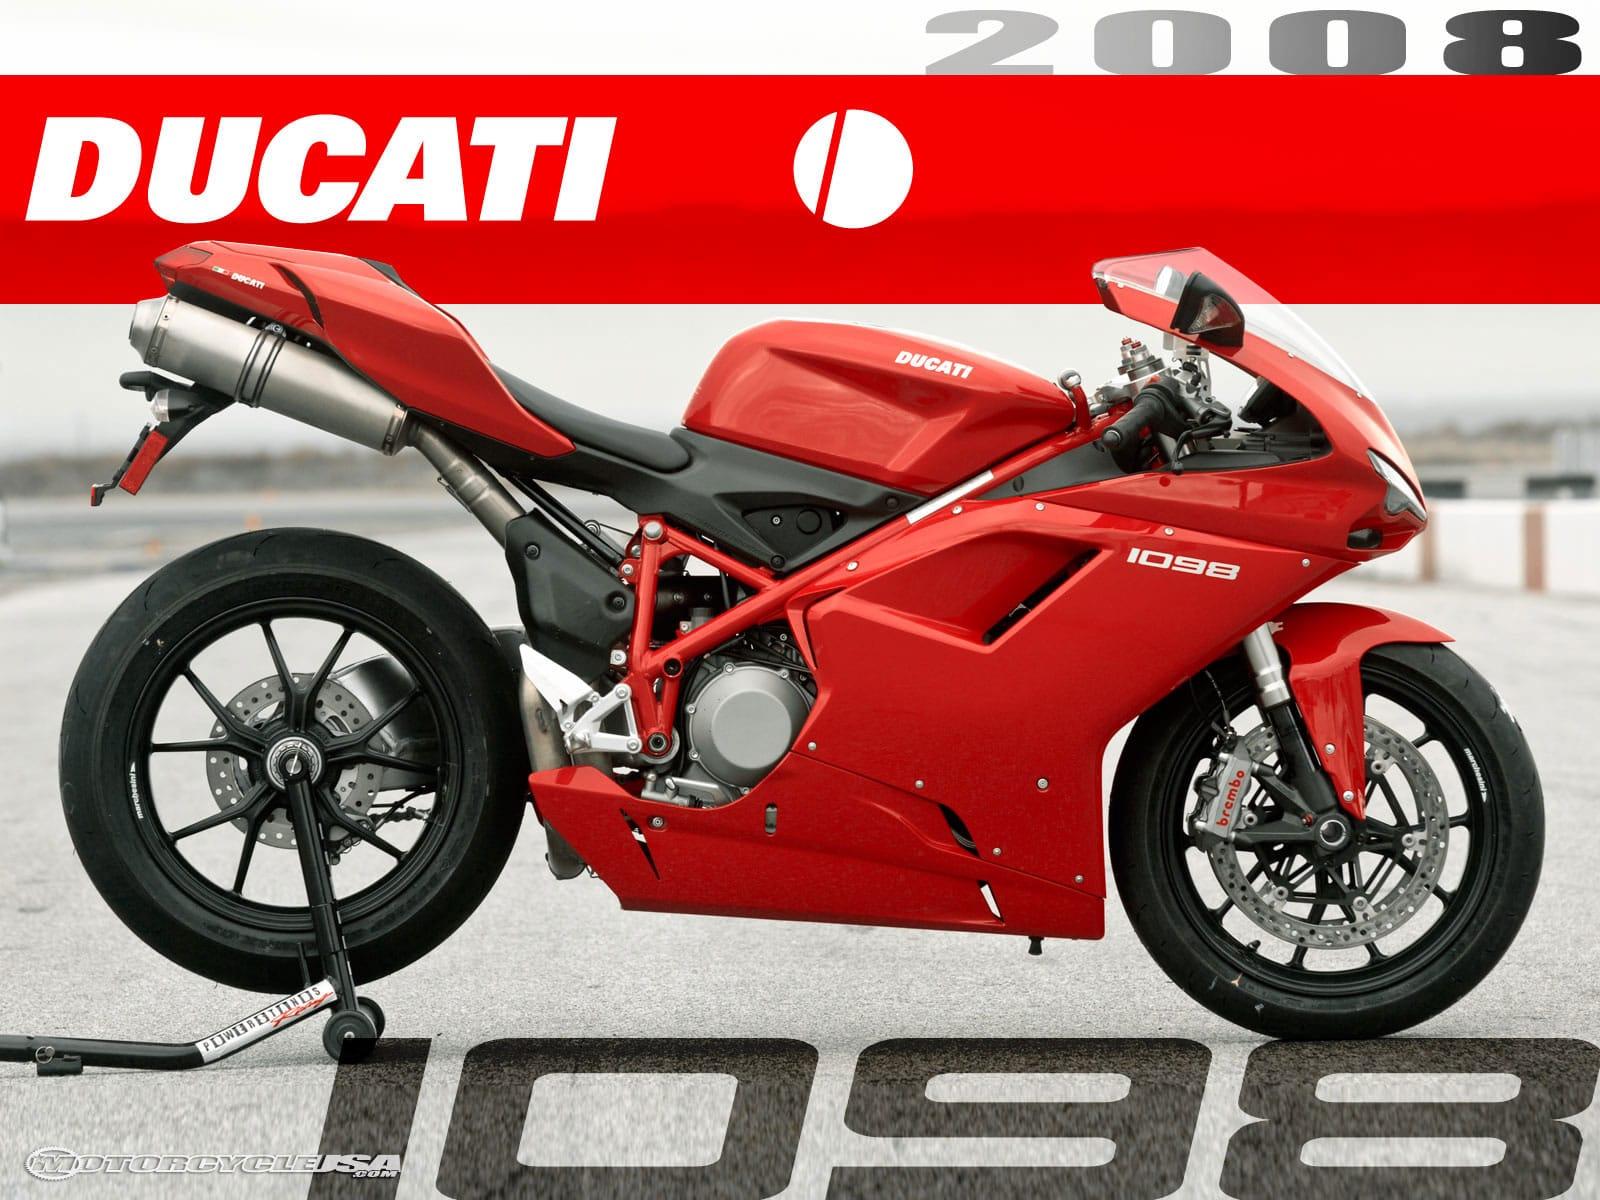 Ducati 1098 Hd Wallpapers 7wallpapersnet